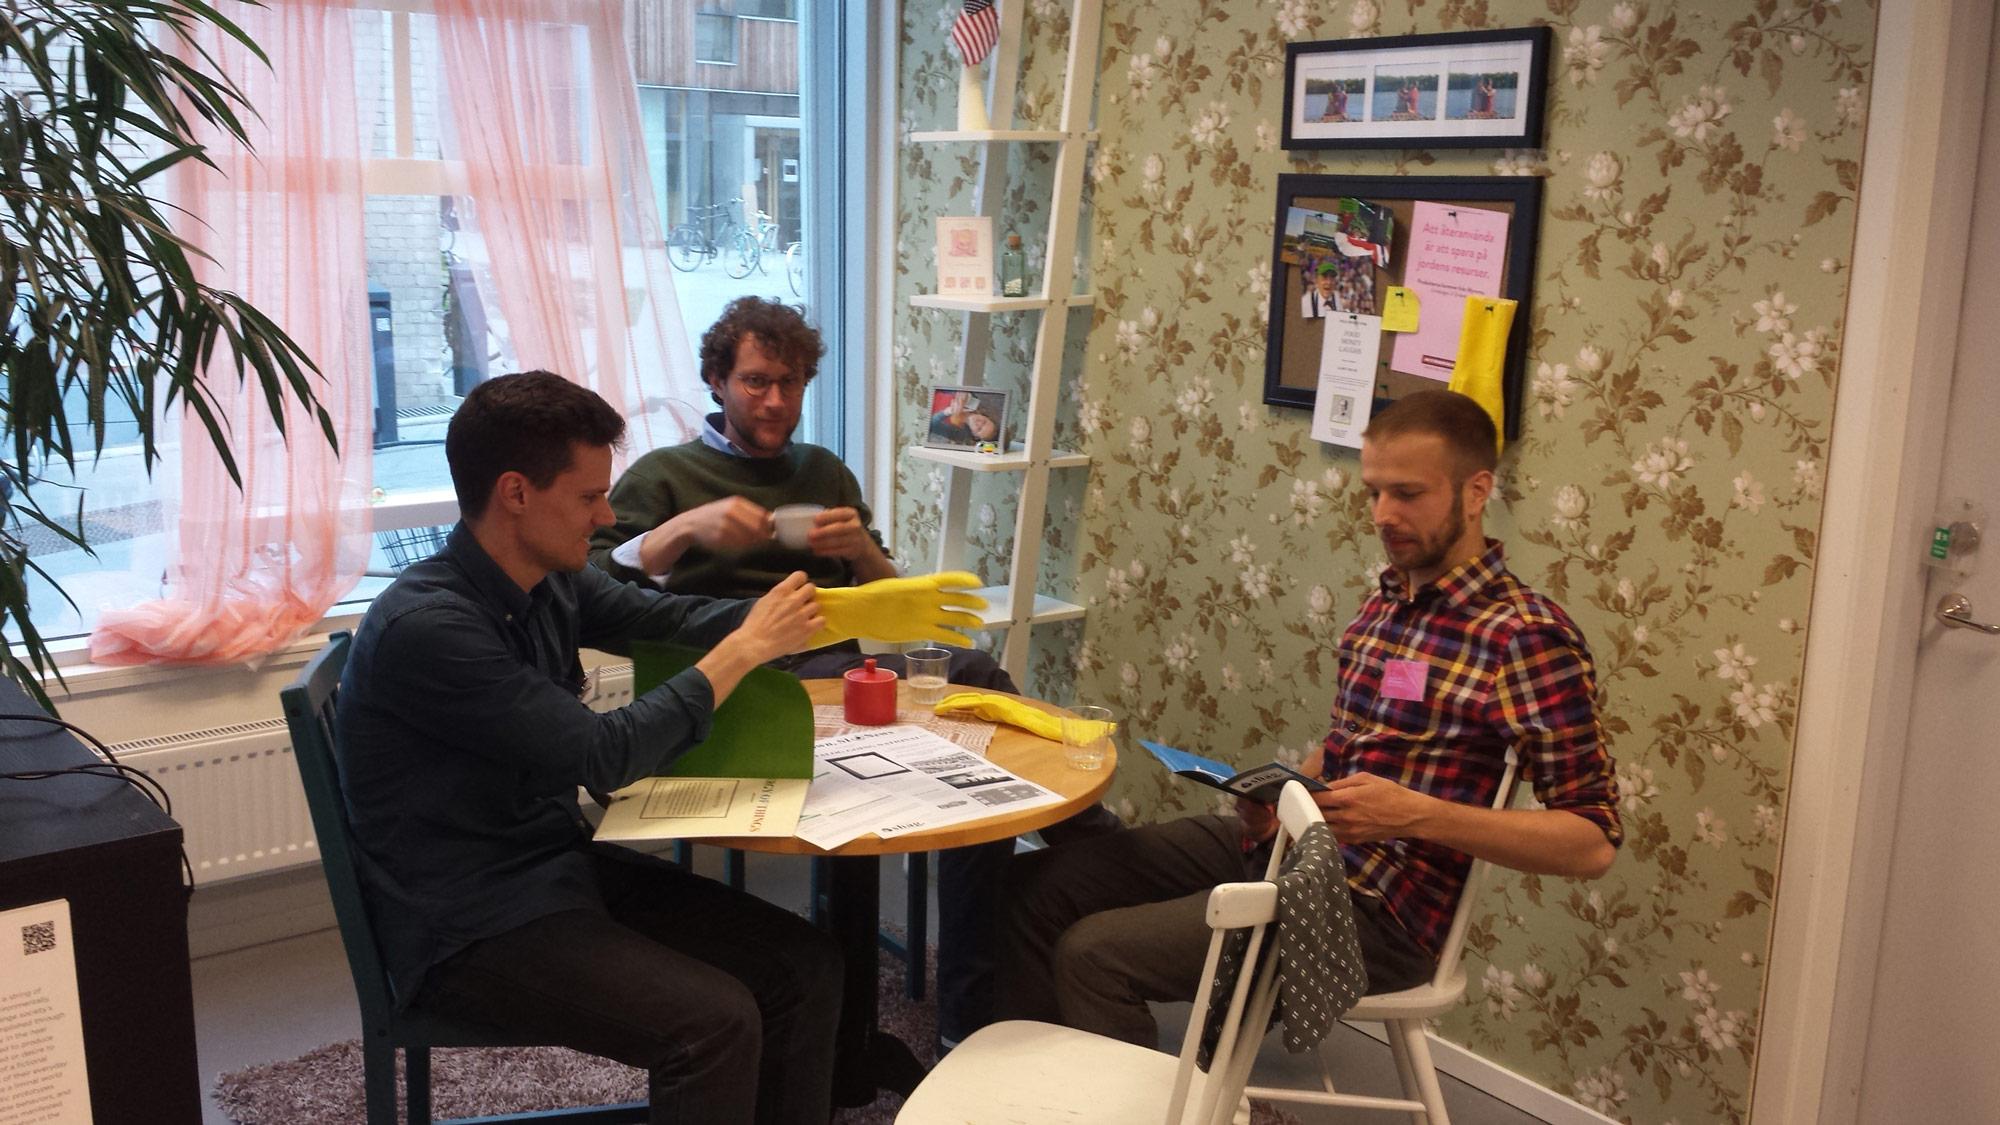 Design Fiction exhibition at Umeå Institute of Design